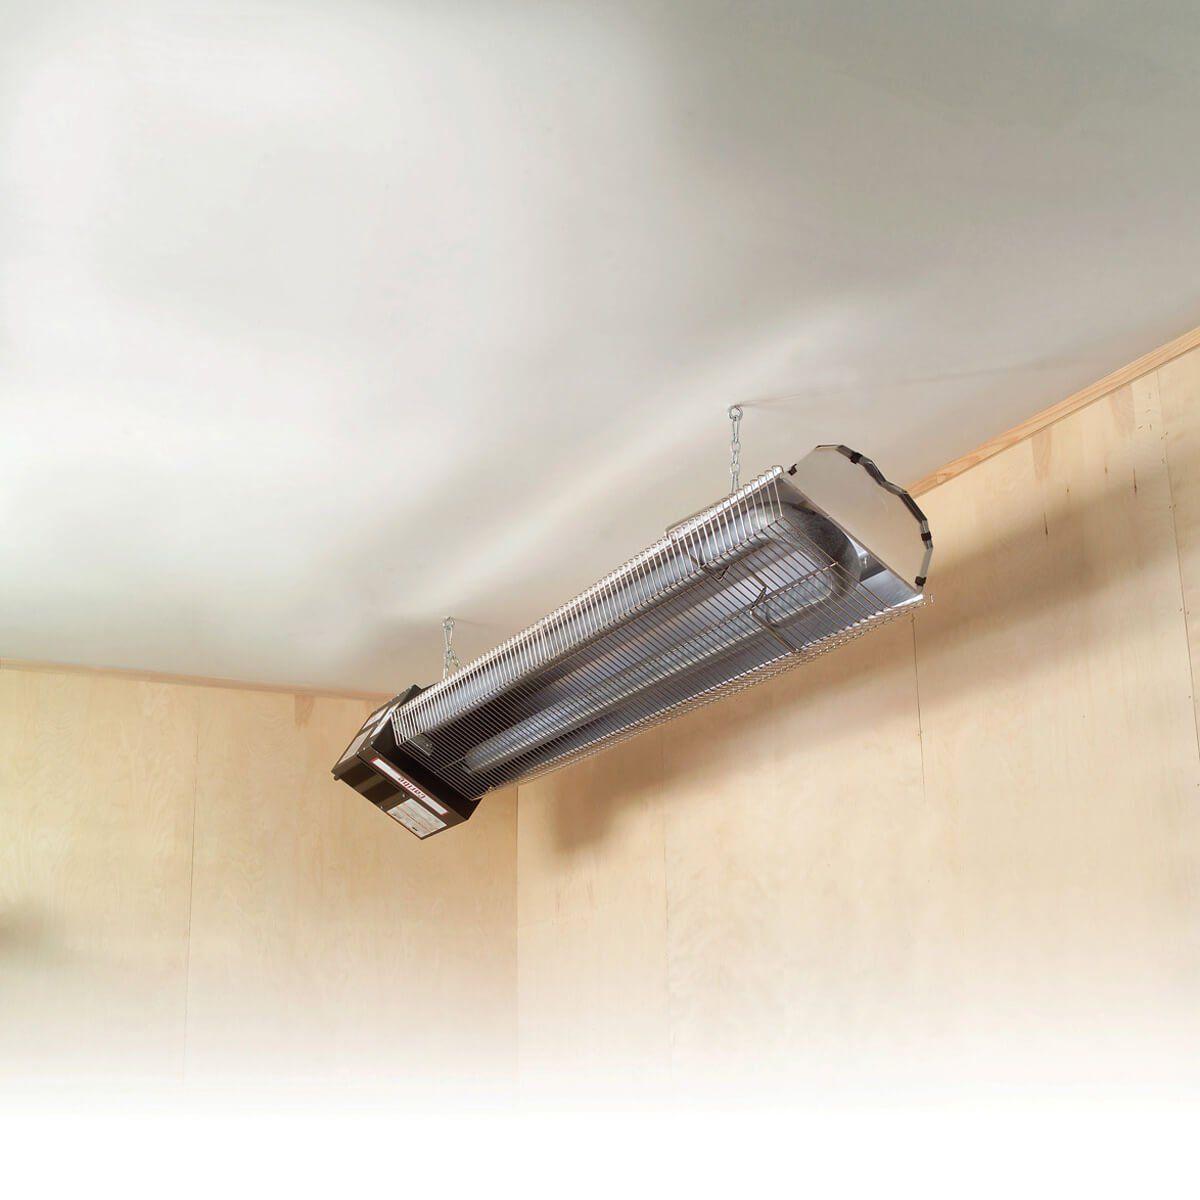 12 Best Ways To Heat A Garage In The Winter Garage Heater